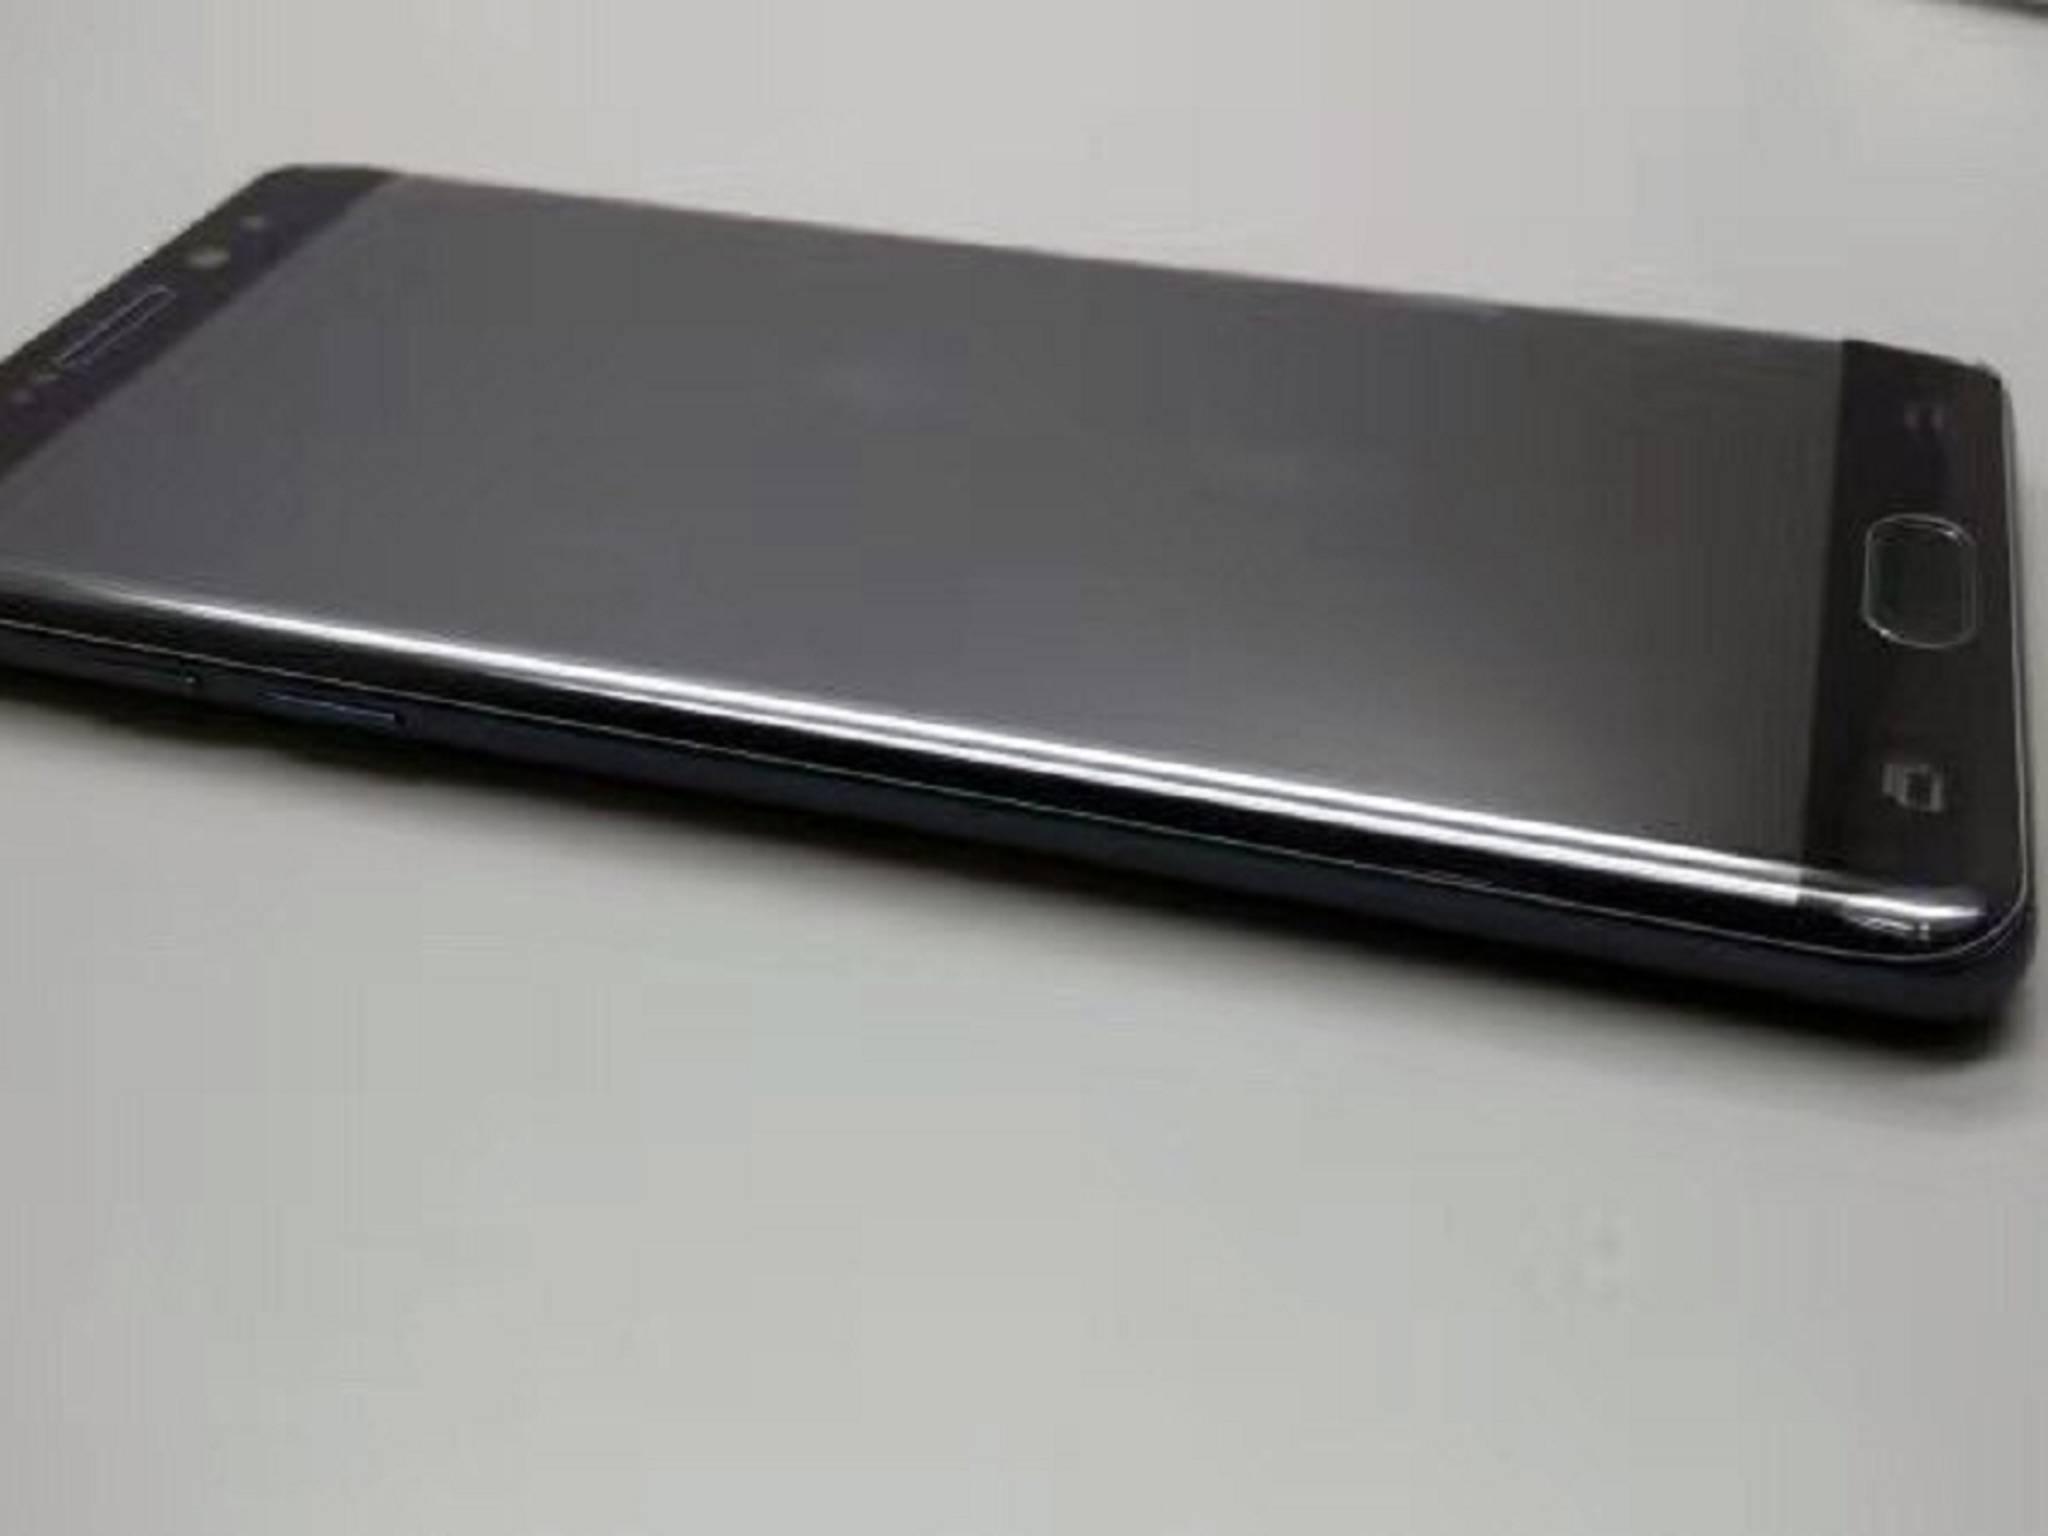 Dieses Foto soll das Samsung Galaxy Note 7 zeigen.